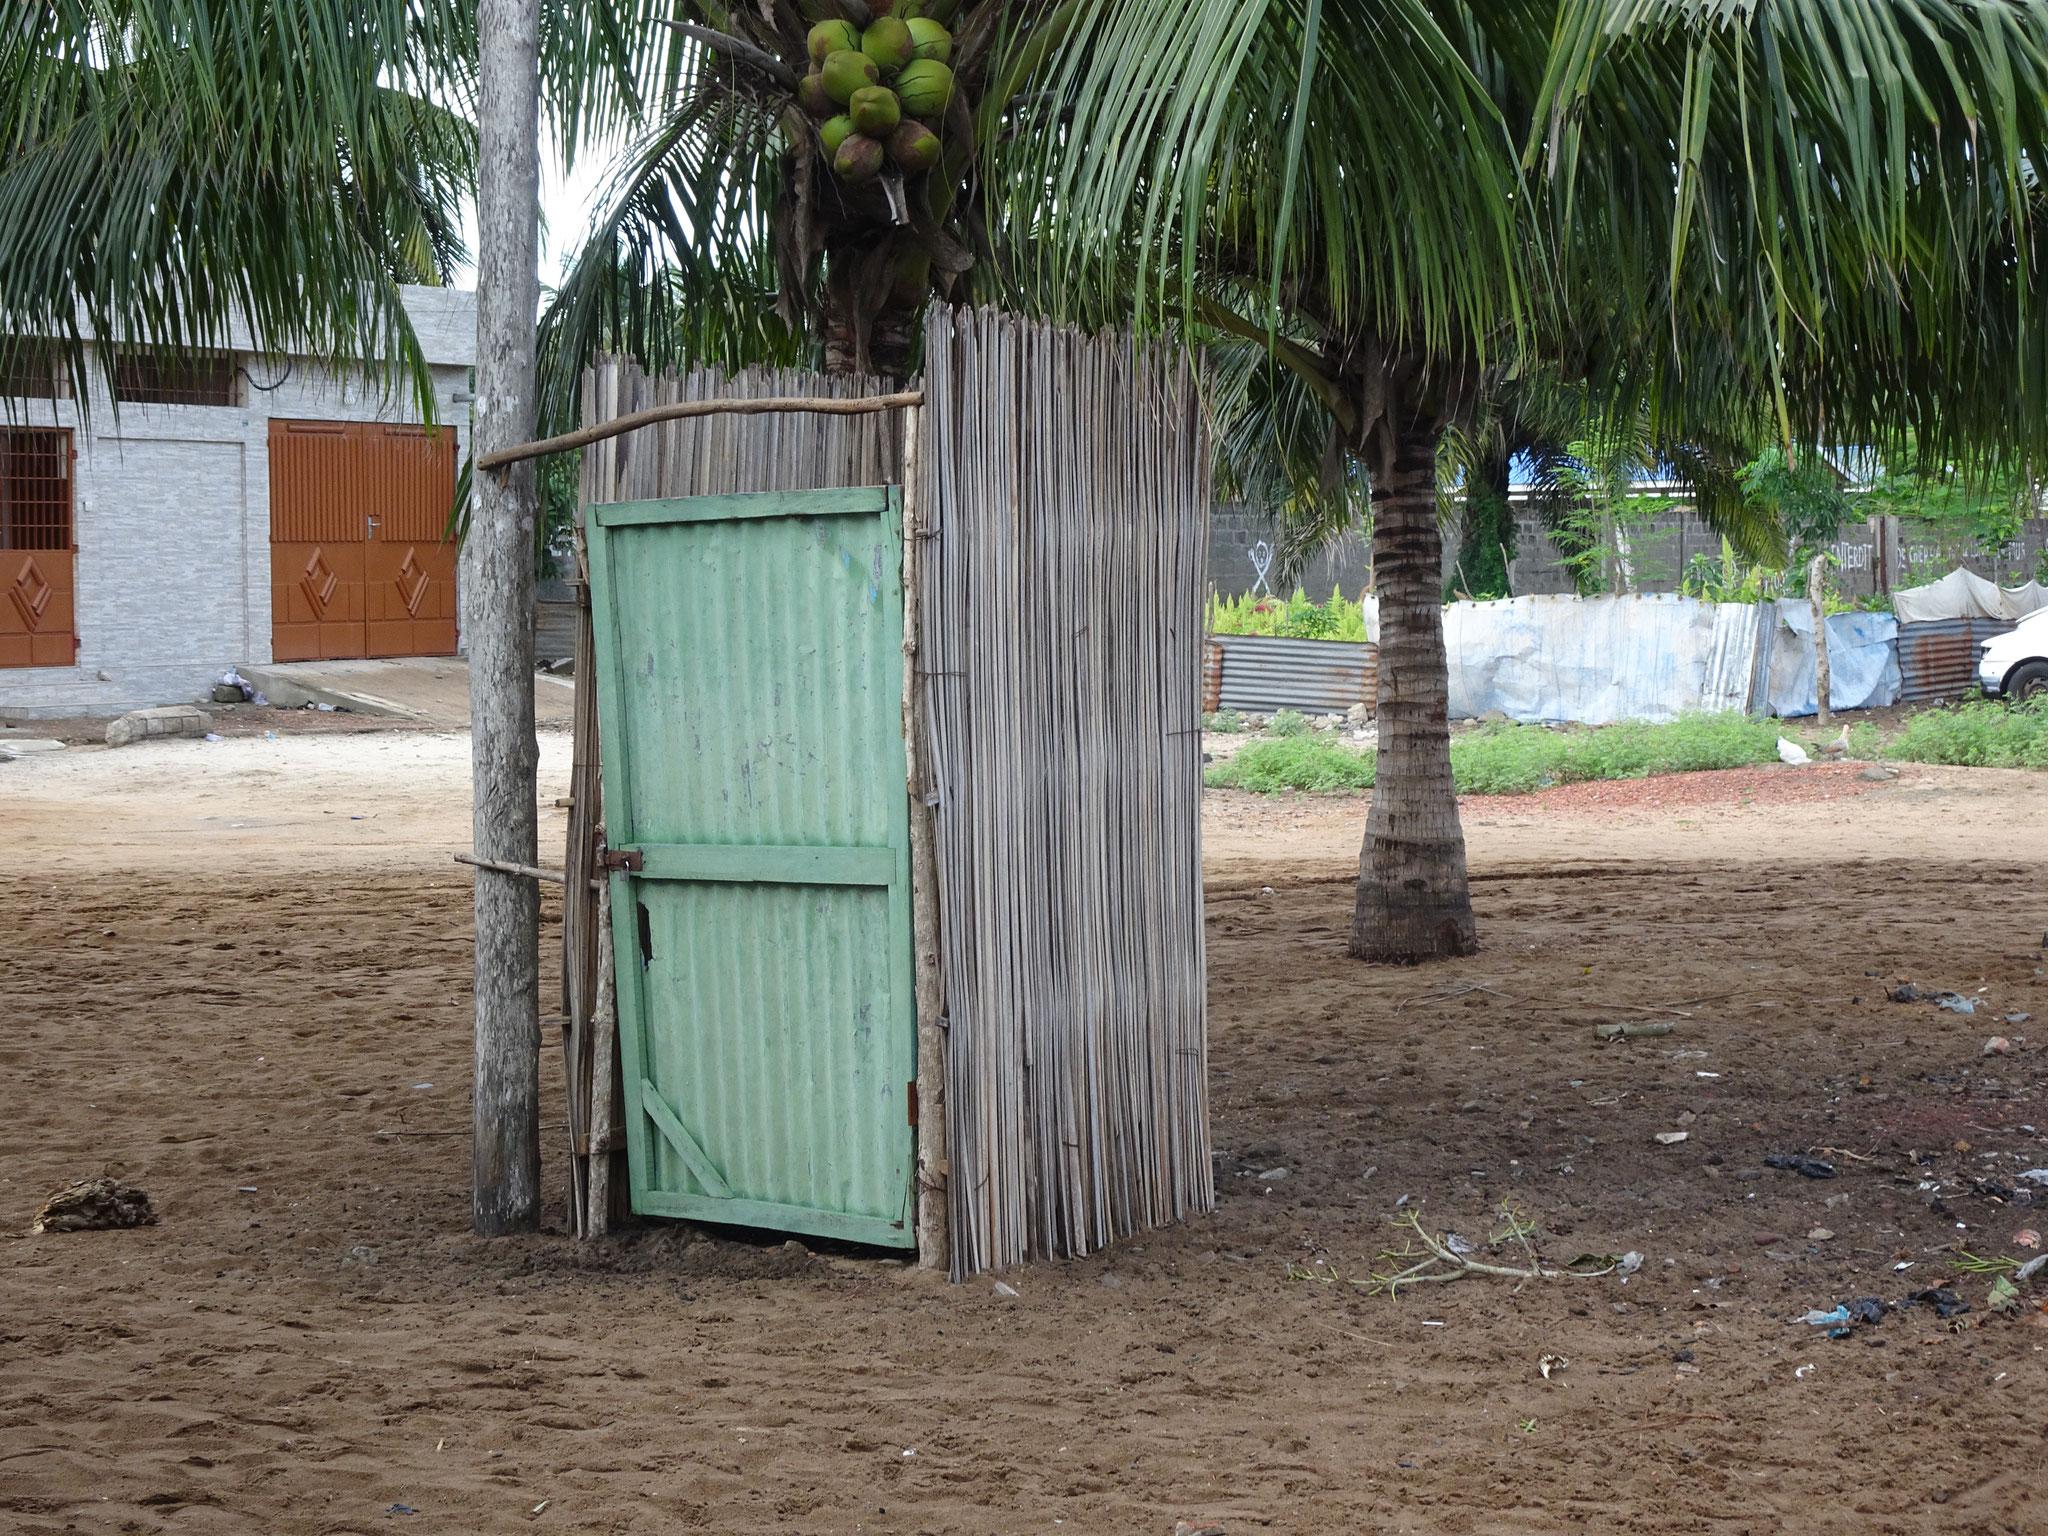 Auch hinter dieser Türe ist eine Toilette. Wie es innen aussieht entzieht sich meiner Kenntnis.